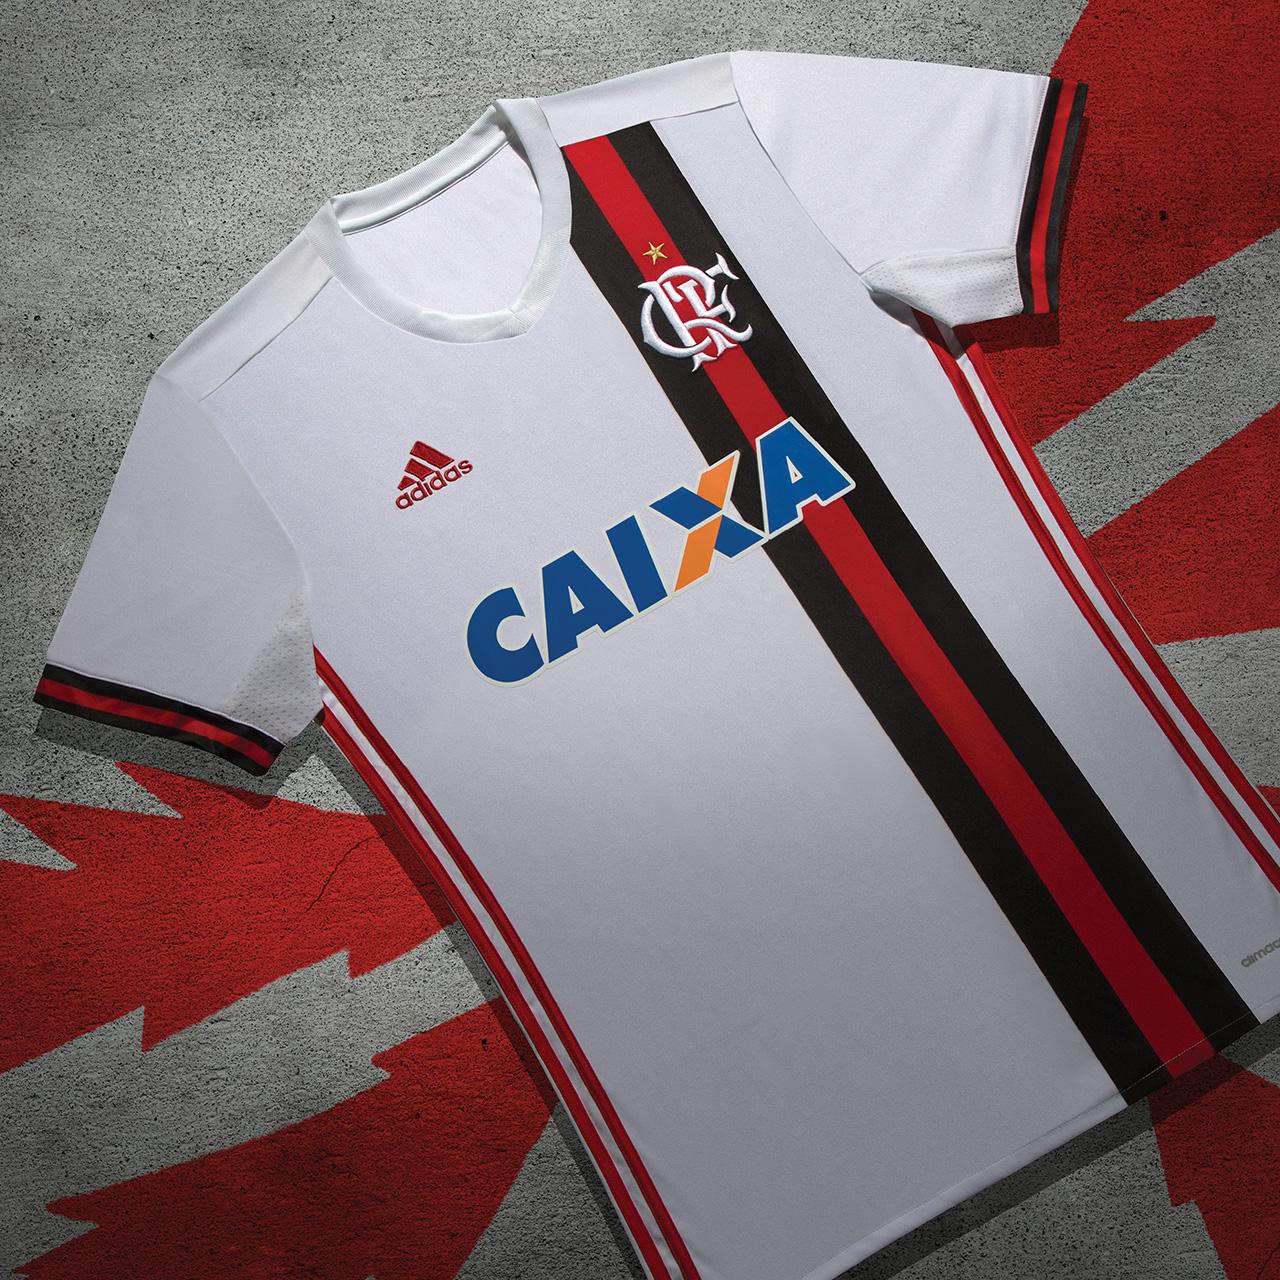 b649b5b1f6 Como de costume no modelo, a camisa é branca, mas com uma particularidade  inédita no clube até então: três listras verticais nas cores vermelha e  preta ...